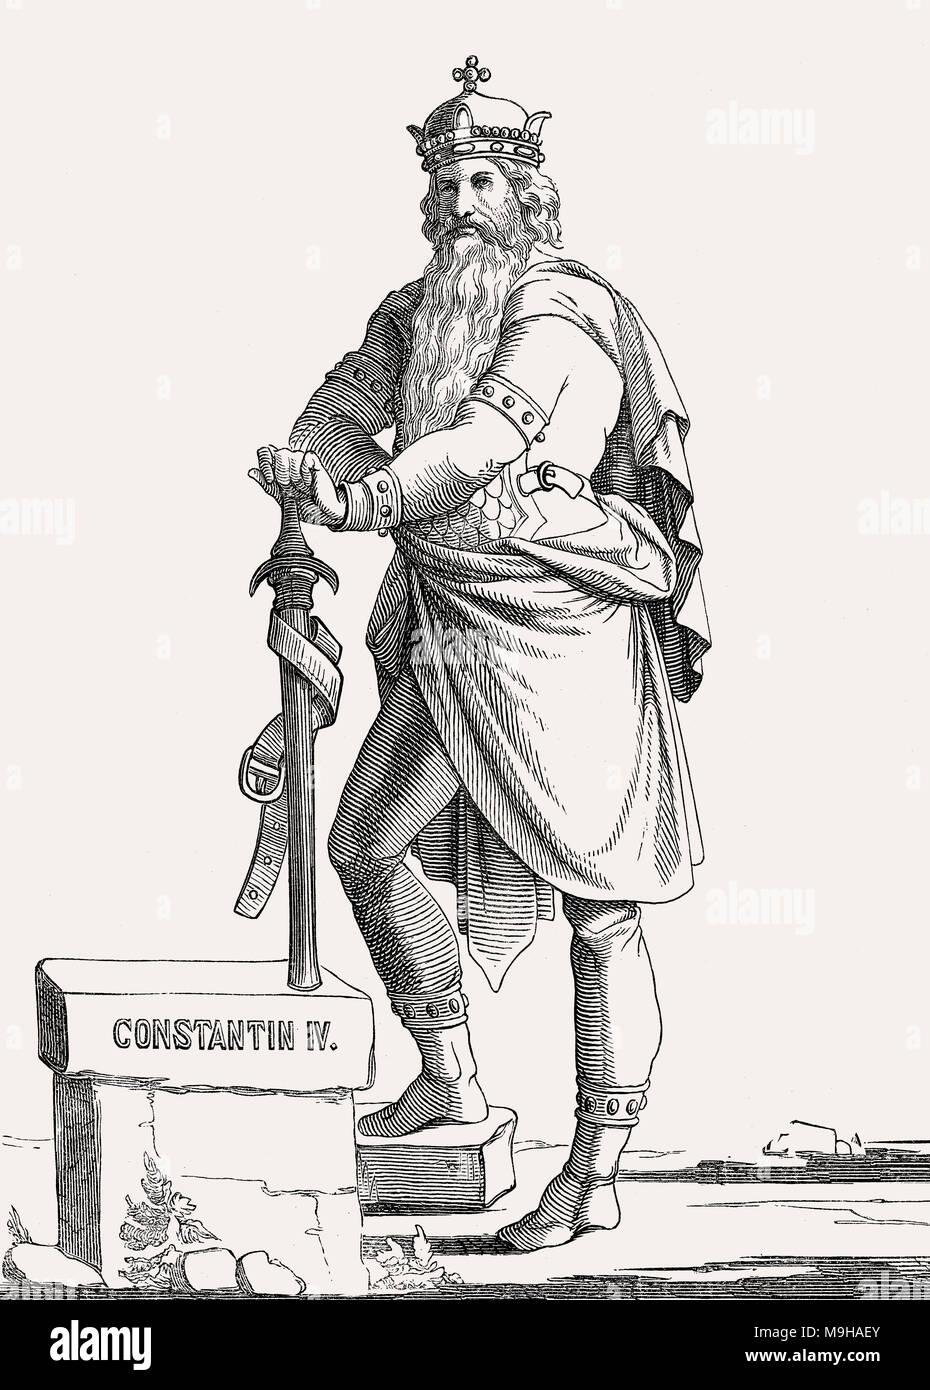 Constantin IV, l'empereur romain de 668 à 685 Photo Stock